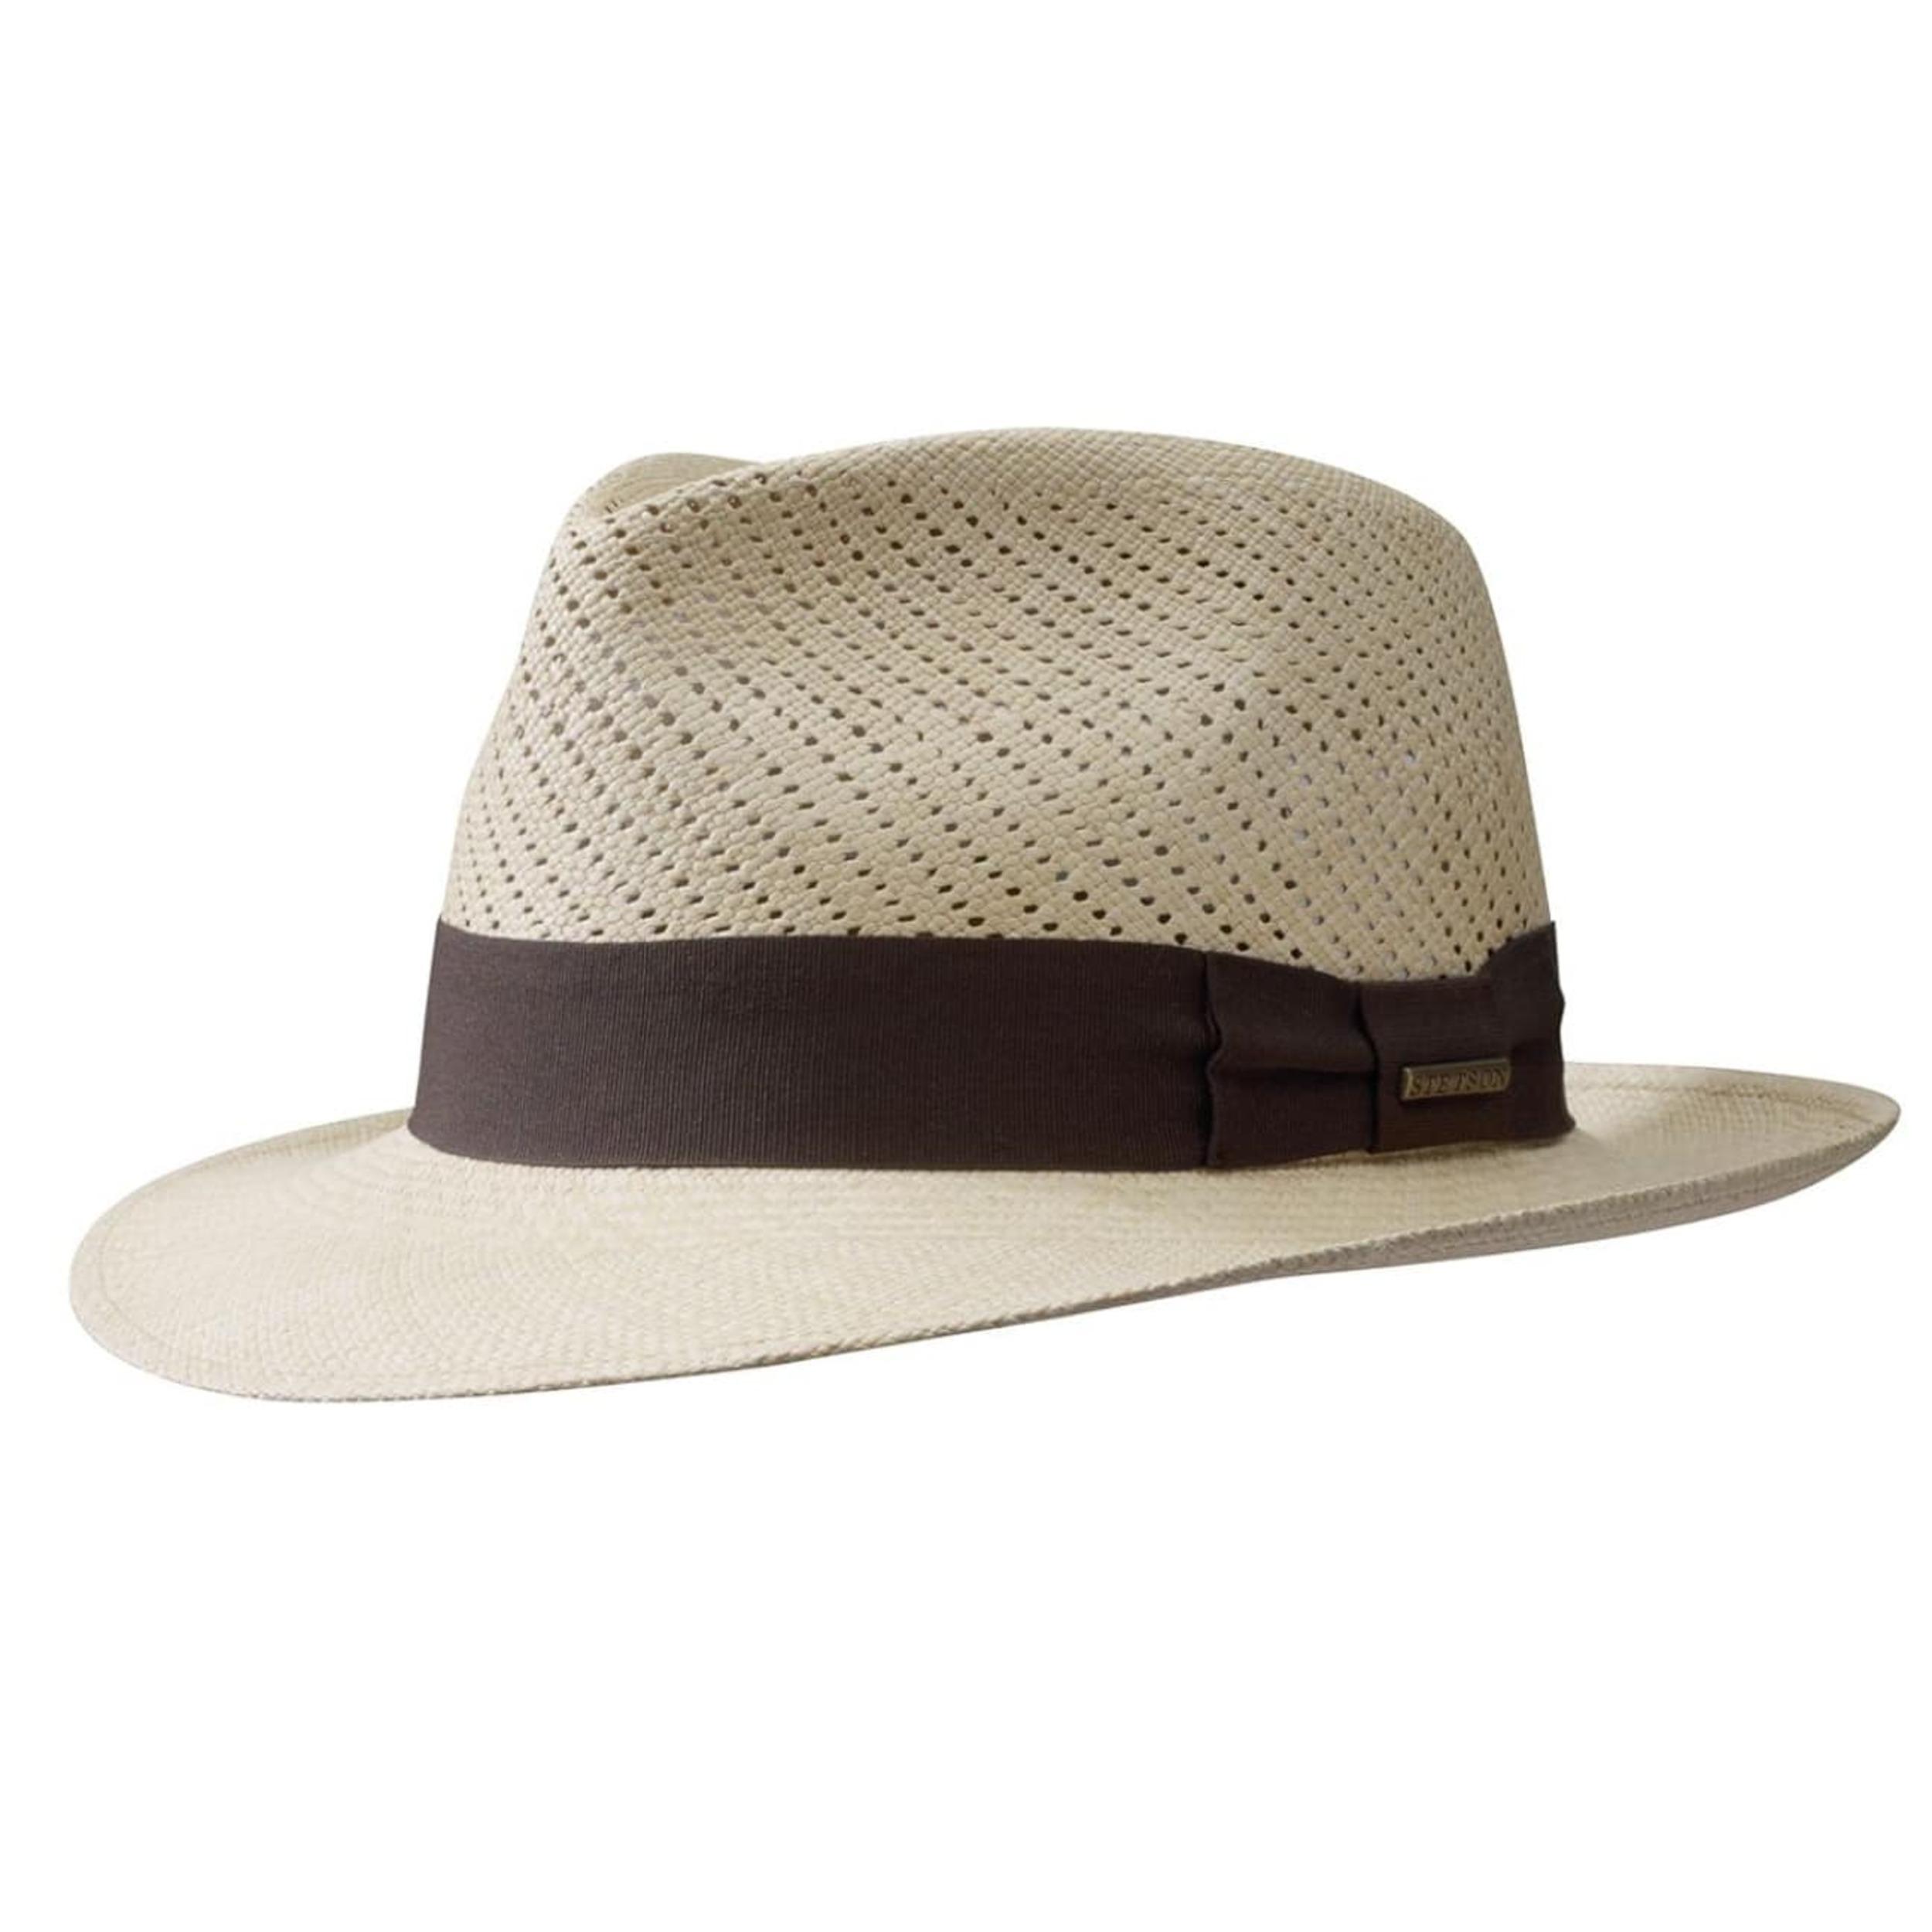 Cappello Hats Coupons, Promo Codes & Deals 2019   Get ...